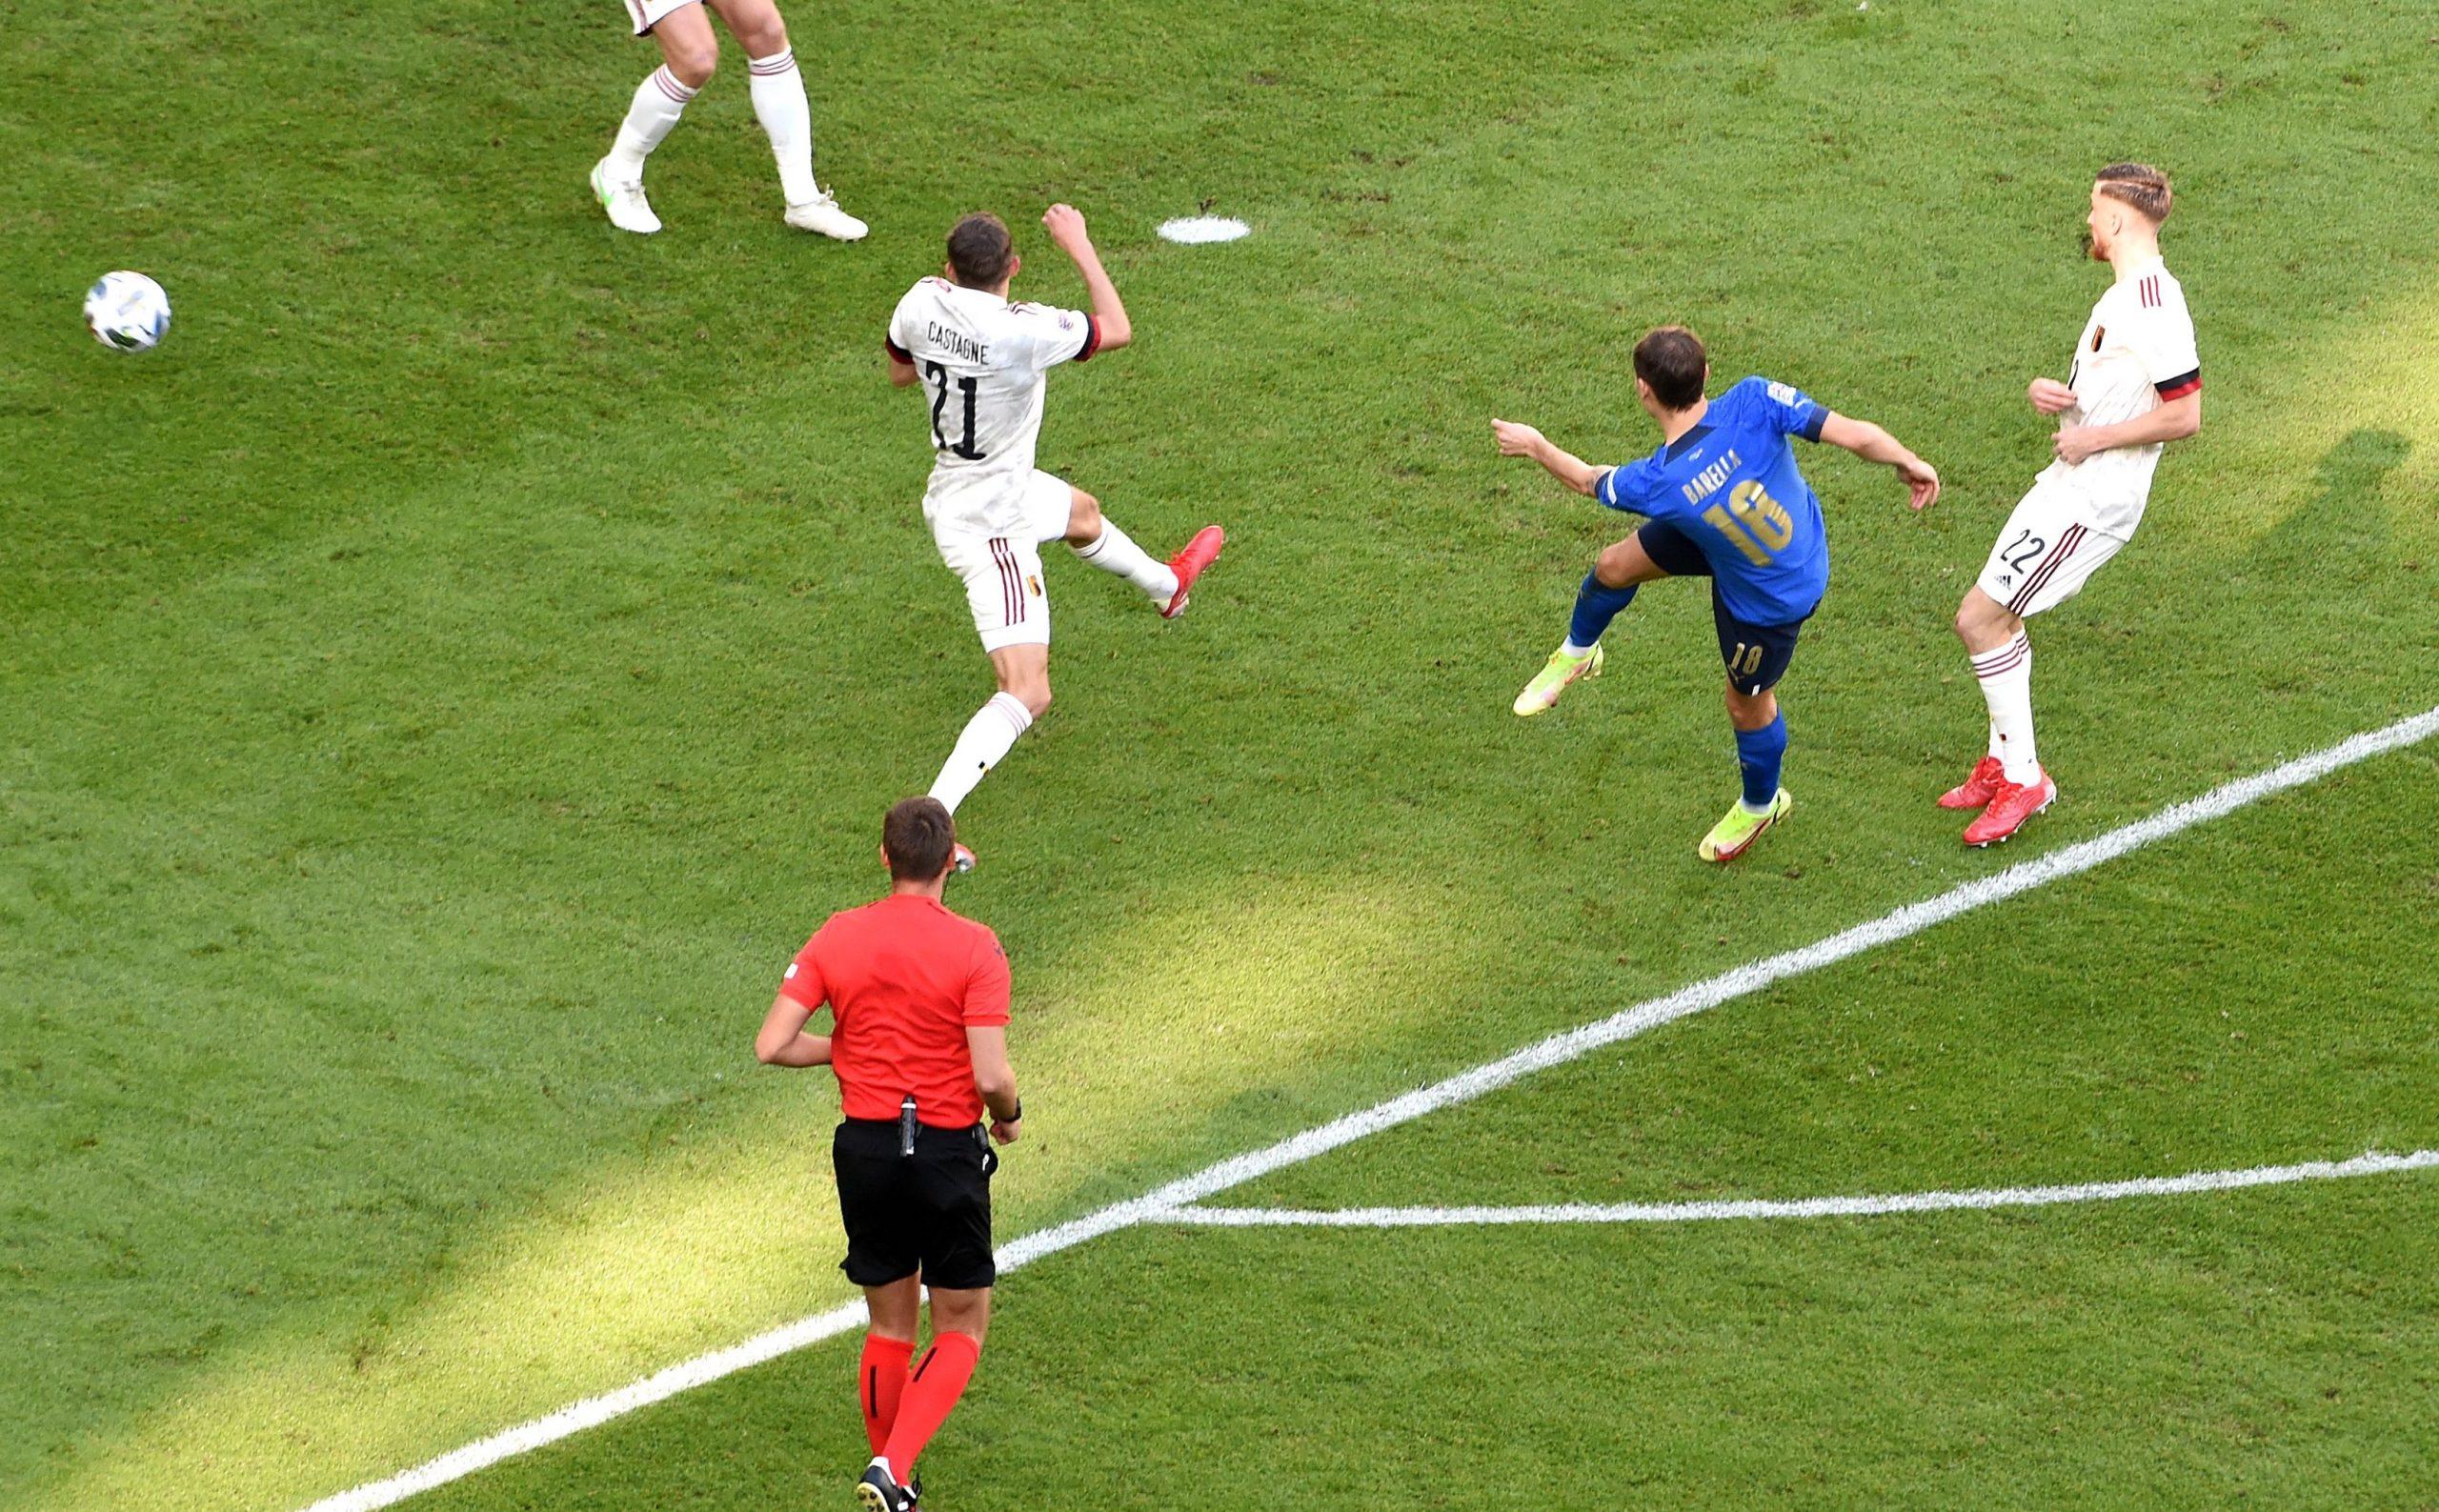 italia-belgio-2-1,-azzurri-terzi-in-nations-league:-pagelle-e-tabellino